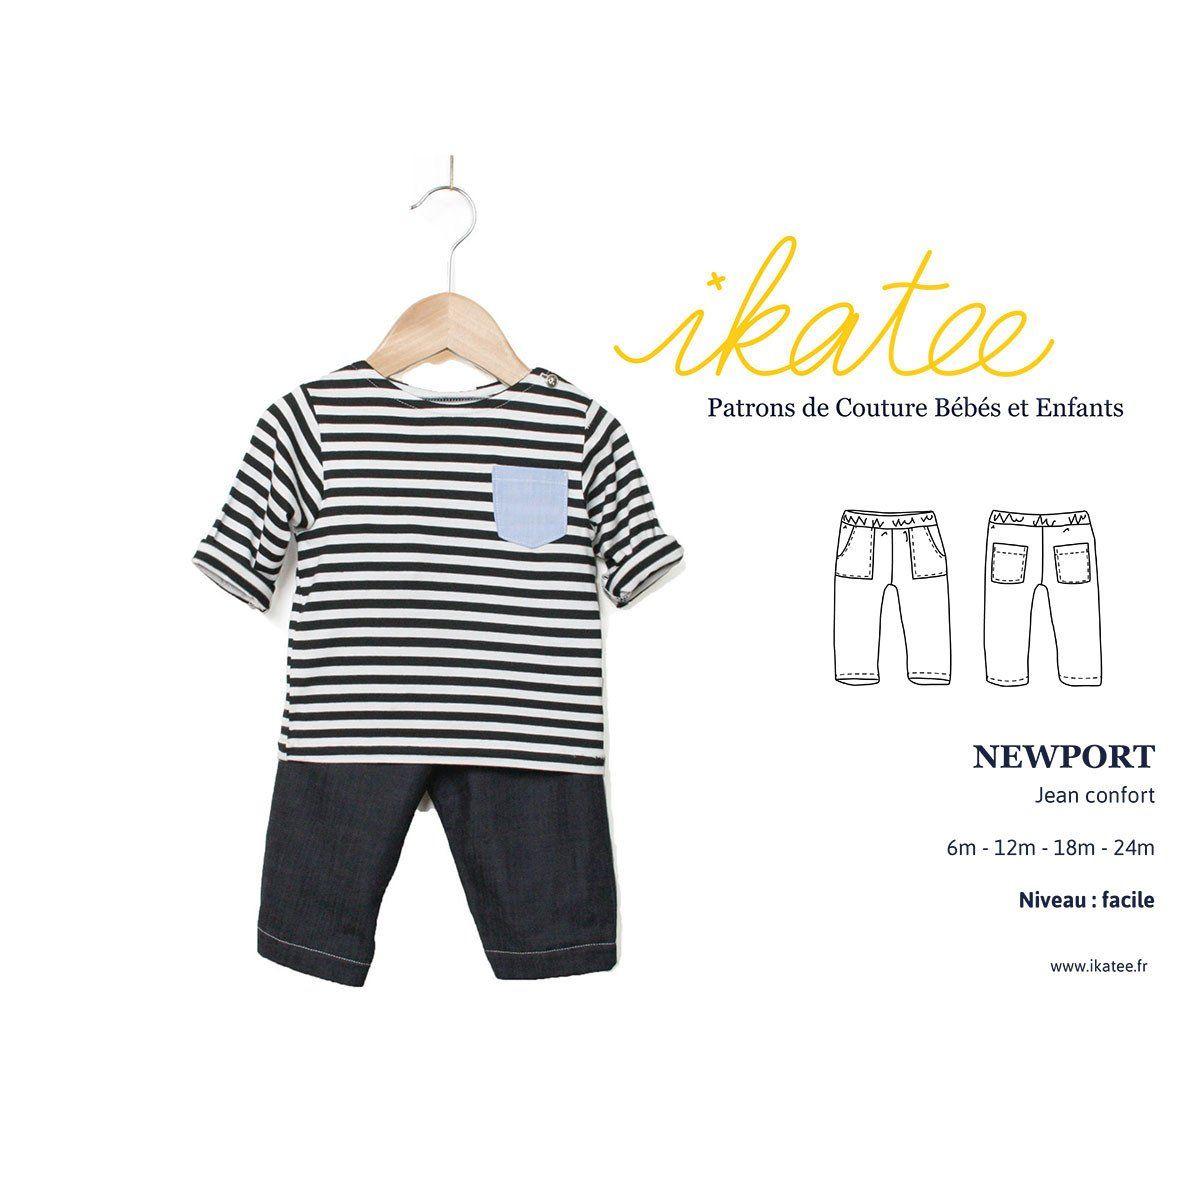 0759c9aba37b8 Patron de Couture PDF à télécharger. Bébé mixte. De 6 à 24 mois Un